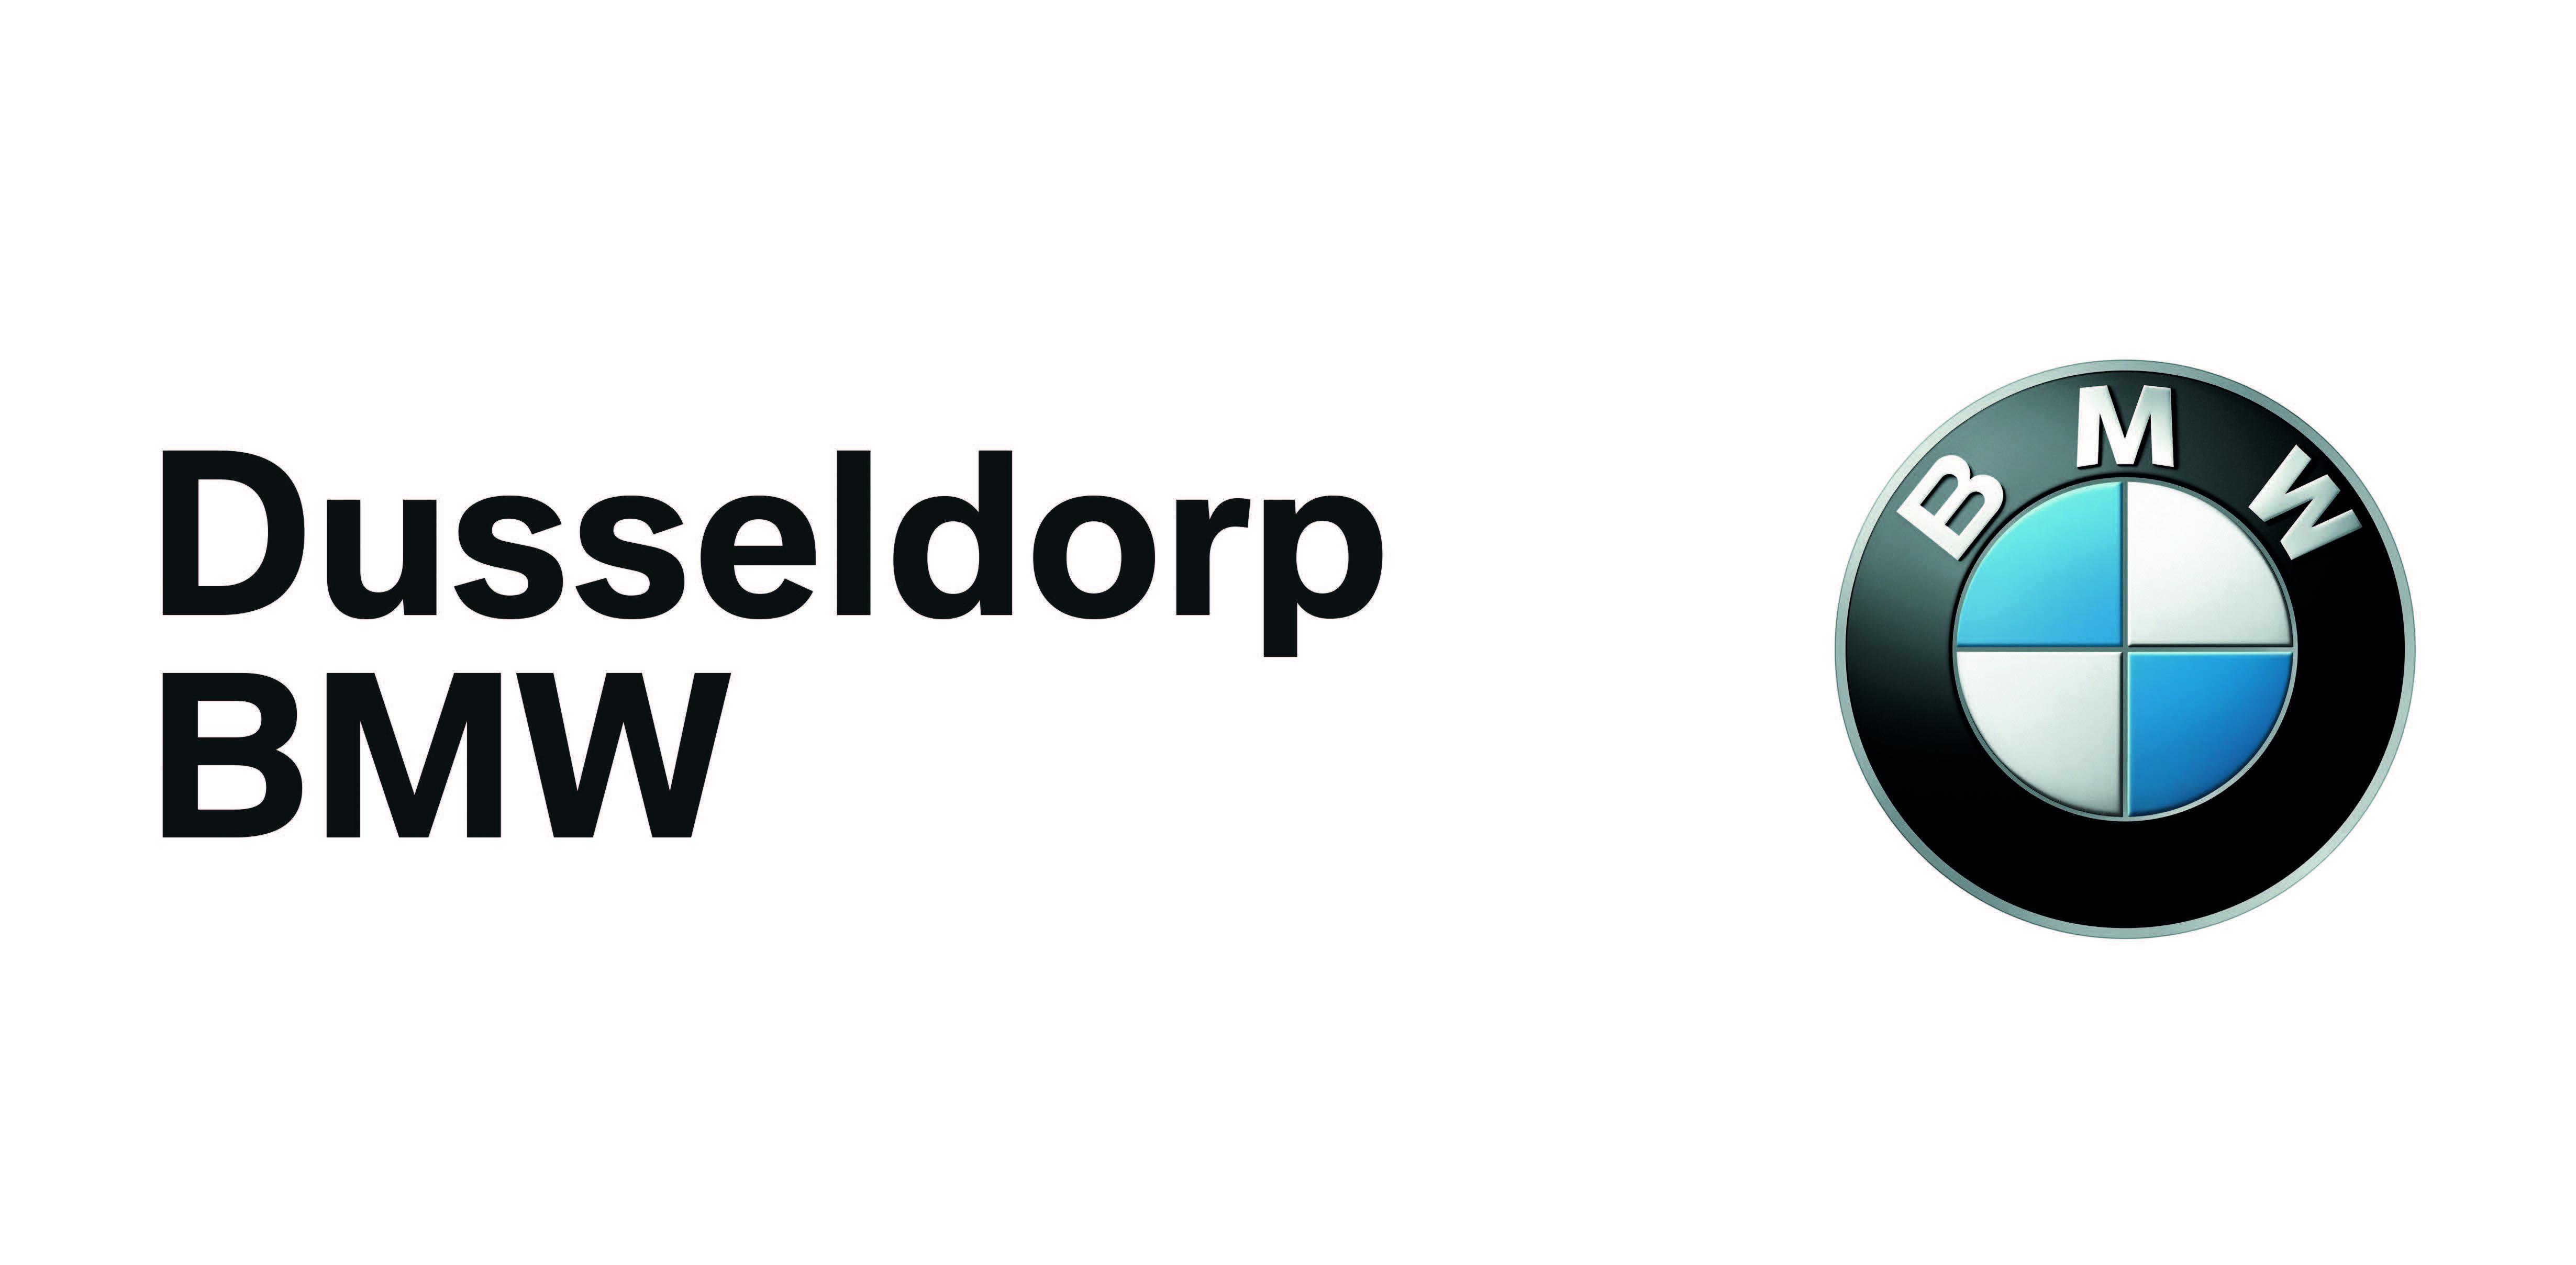 BMW Dusseldorp logo